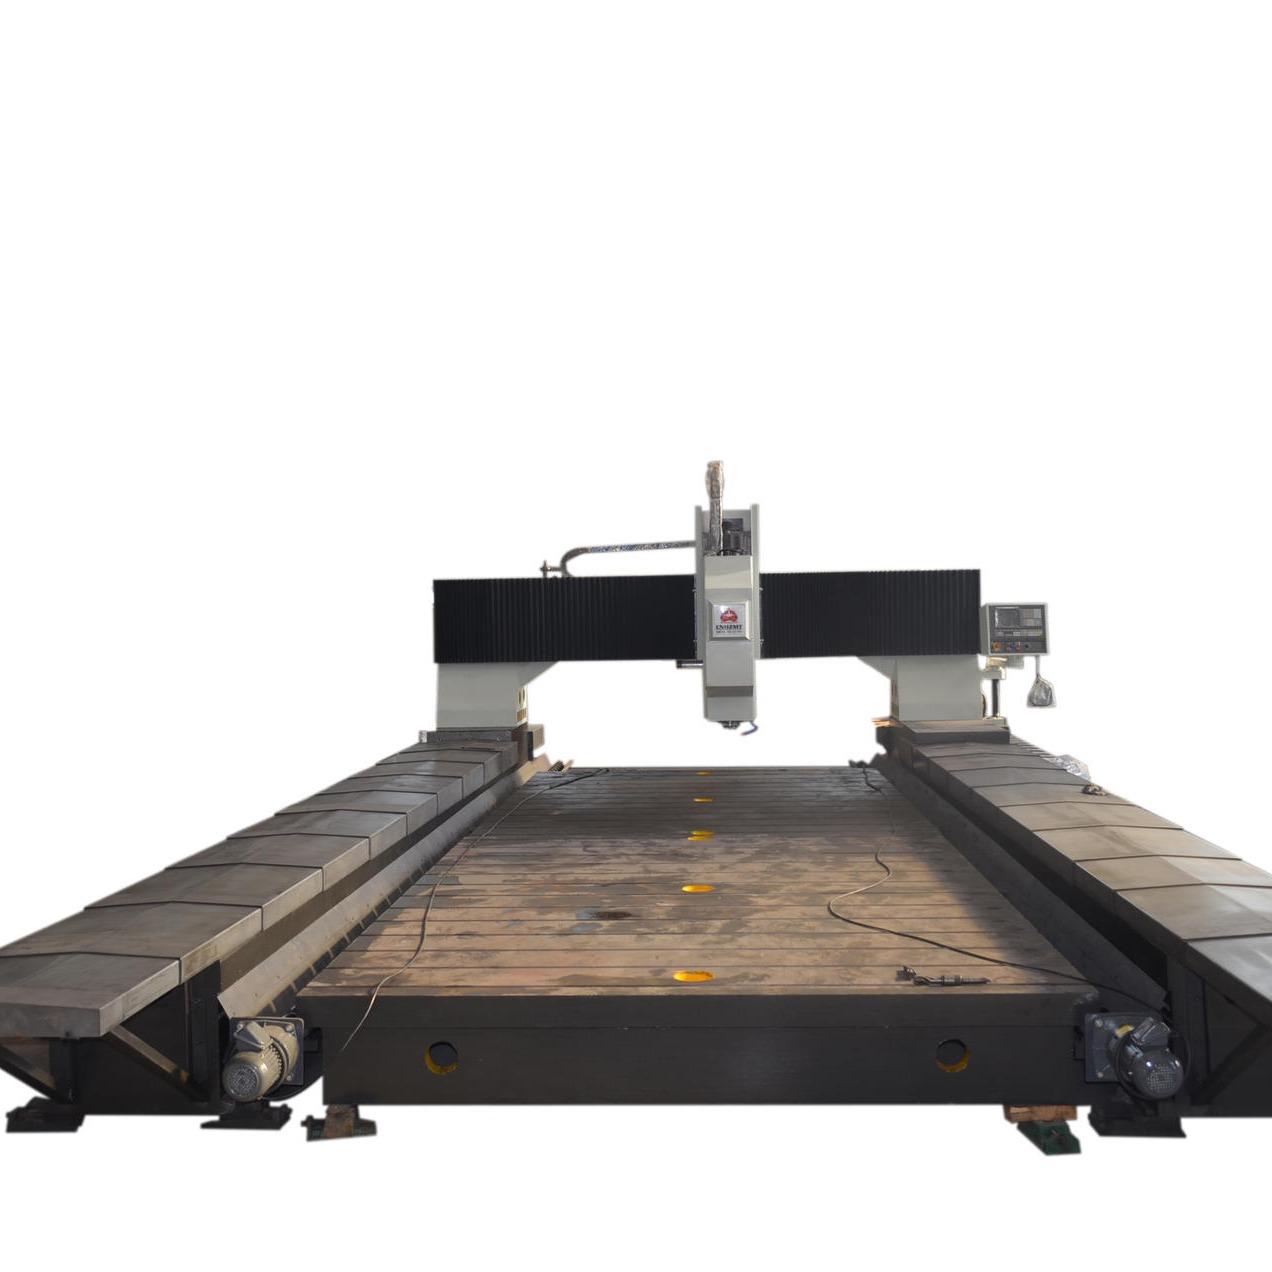 钢结构连接板快速数控钻床 铸造铸铁床身 高速龙门钻床 现货供应